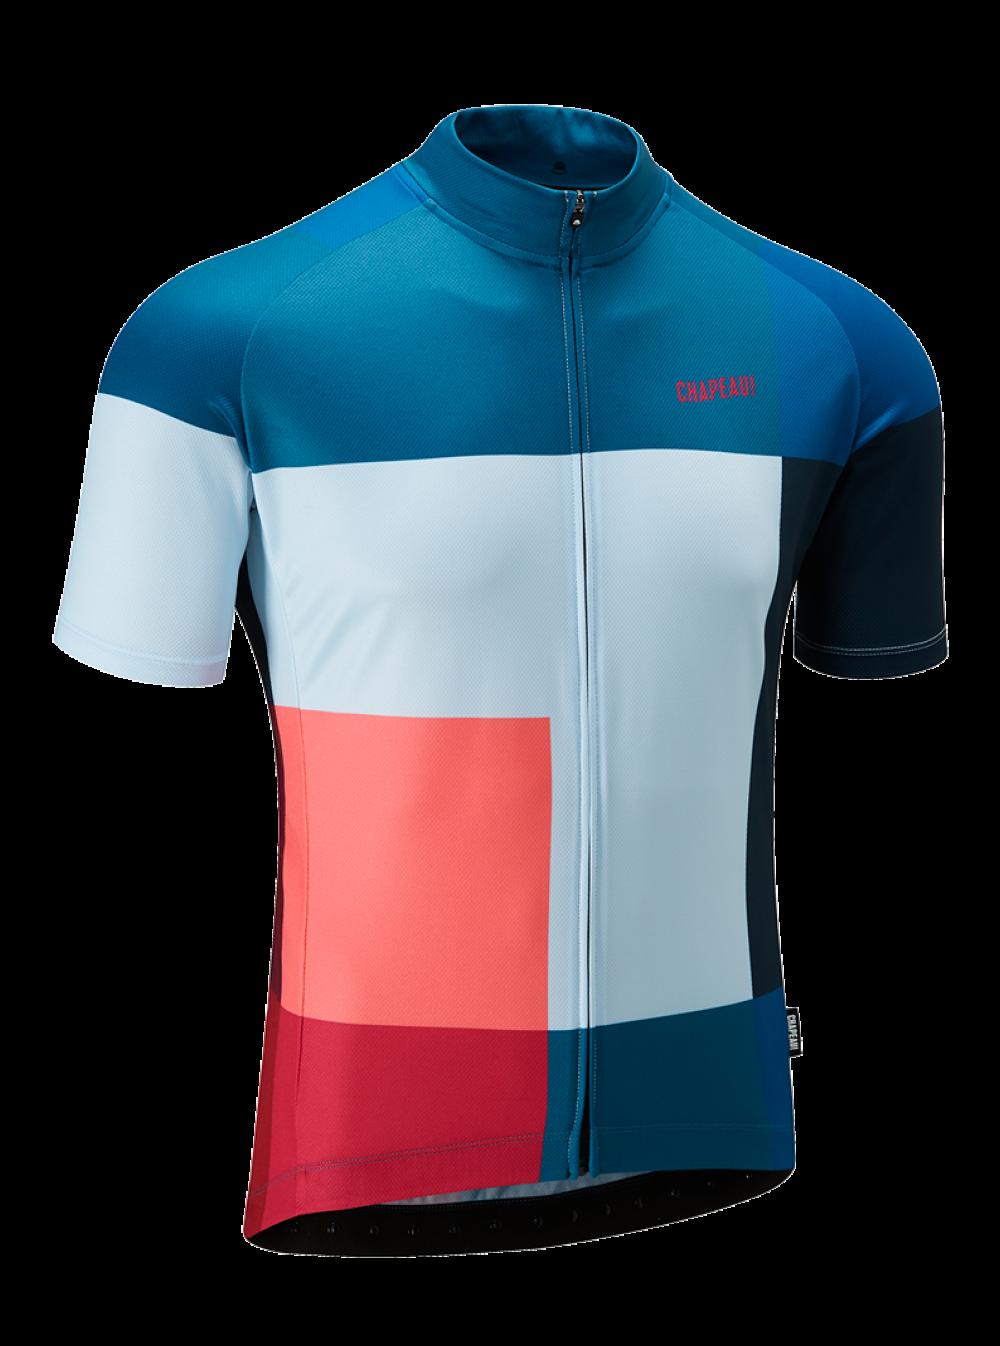 Tempo Pattern - Short Sleeve Jerseys - Men  467f772c7